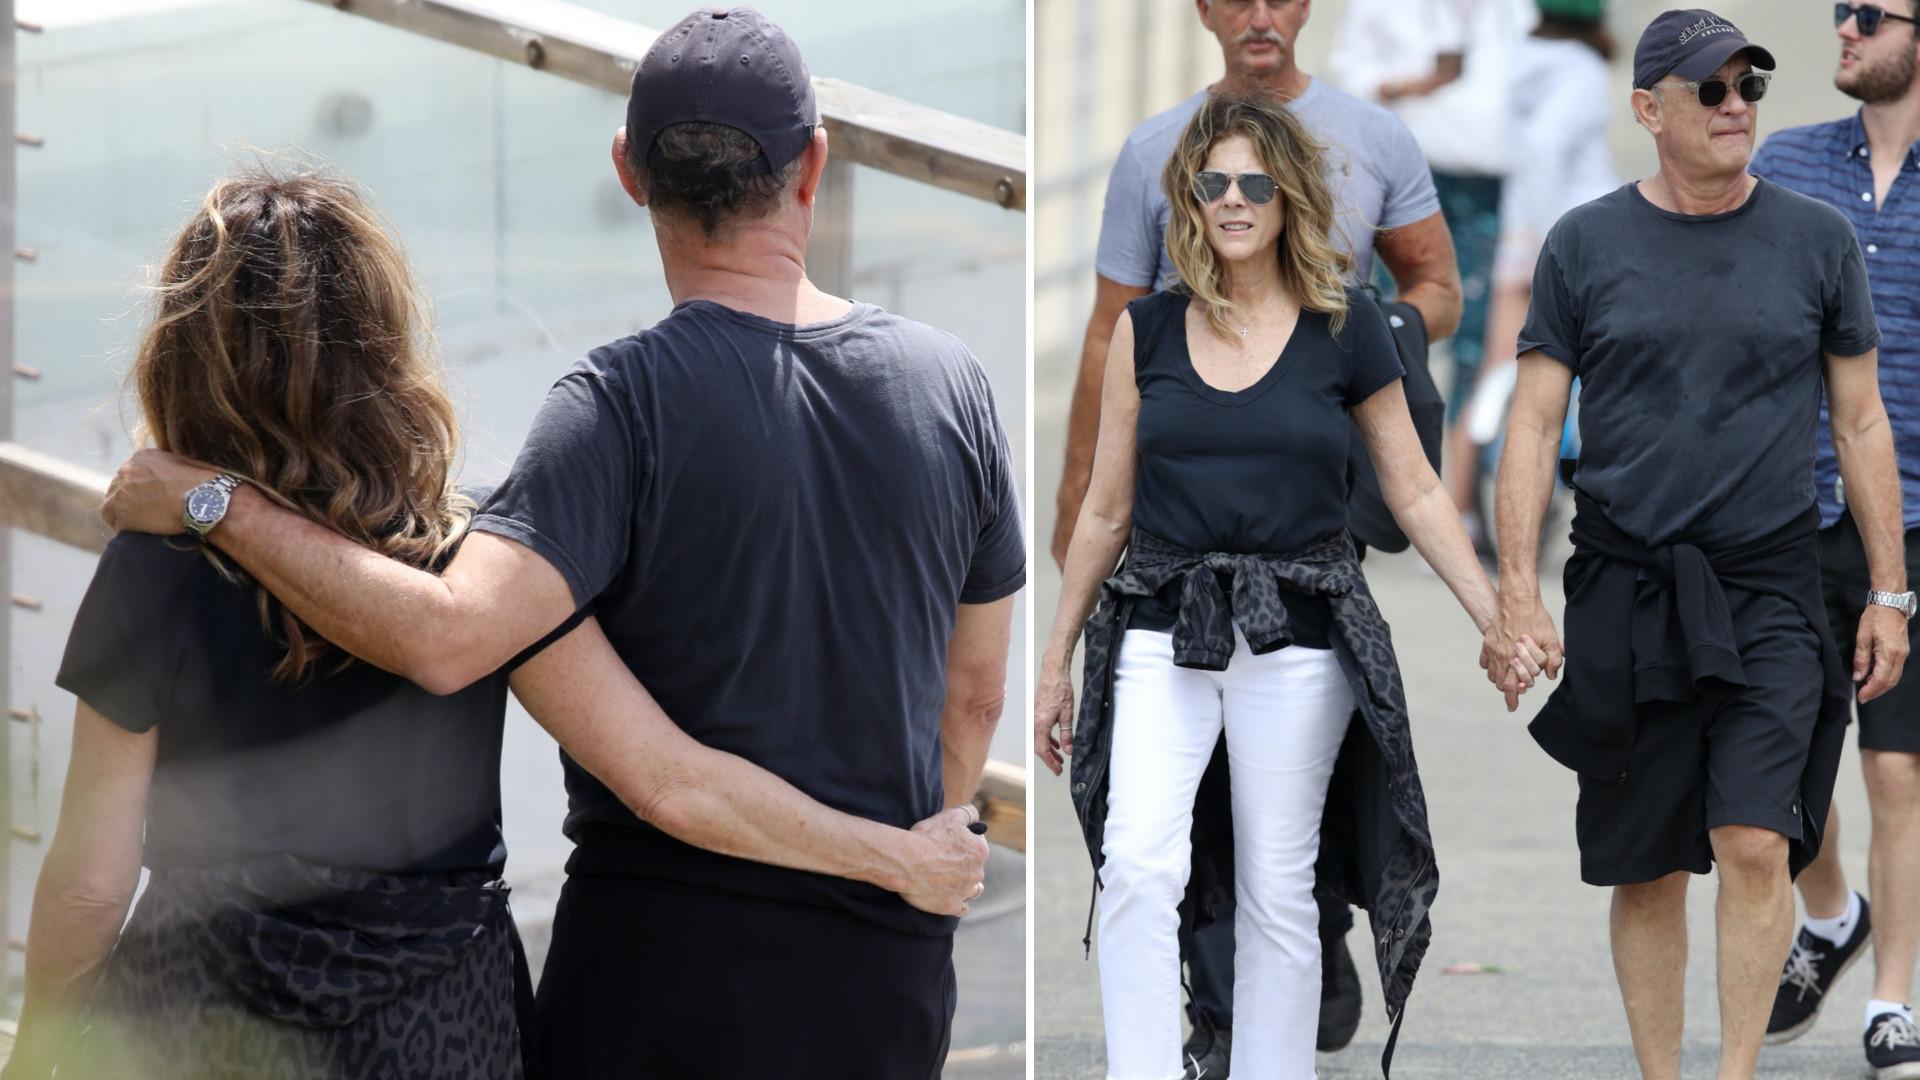 Tom Hanks z żoną i SYNEM jeszcze kilka dni temu spokojnie spacerowali po Sydney (ZDJĘCIA)